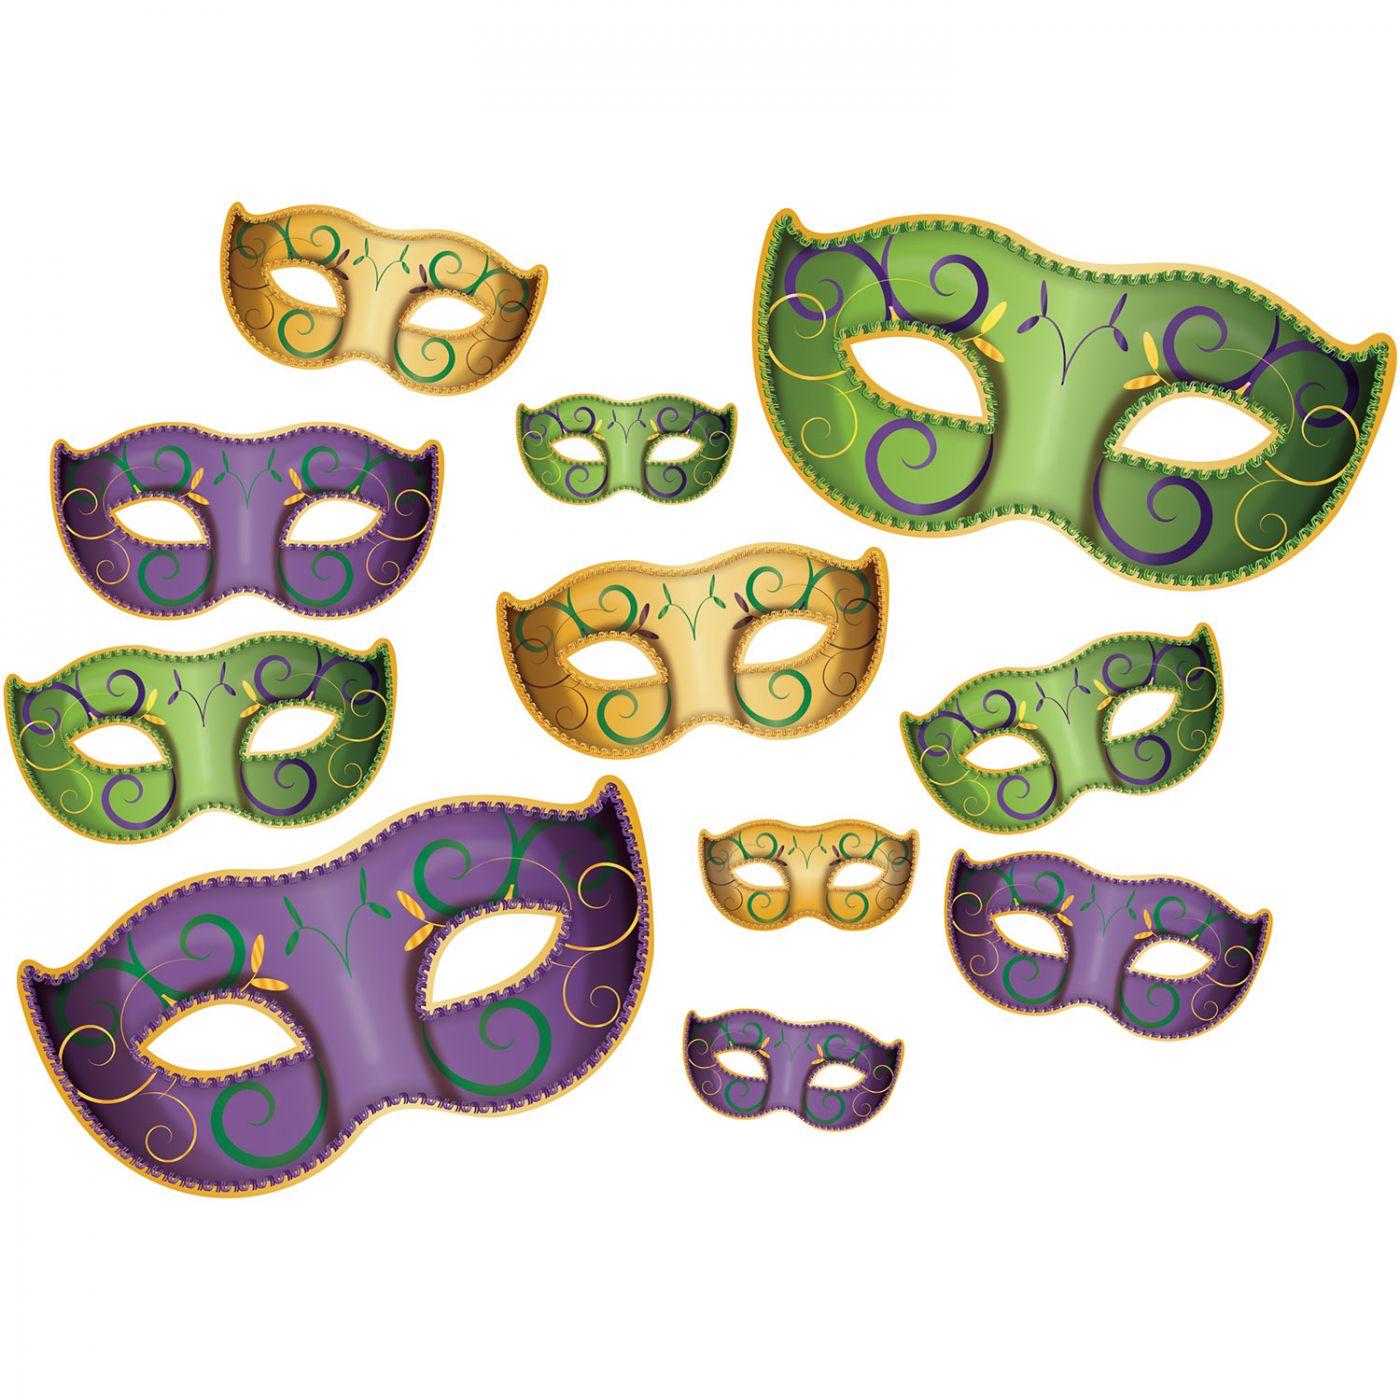 Mardi Gras Mask Cutouts image